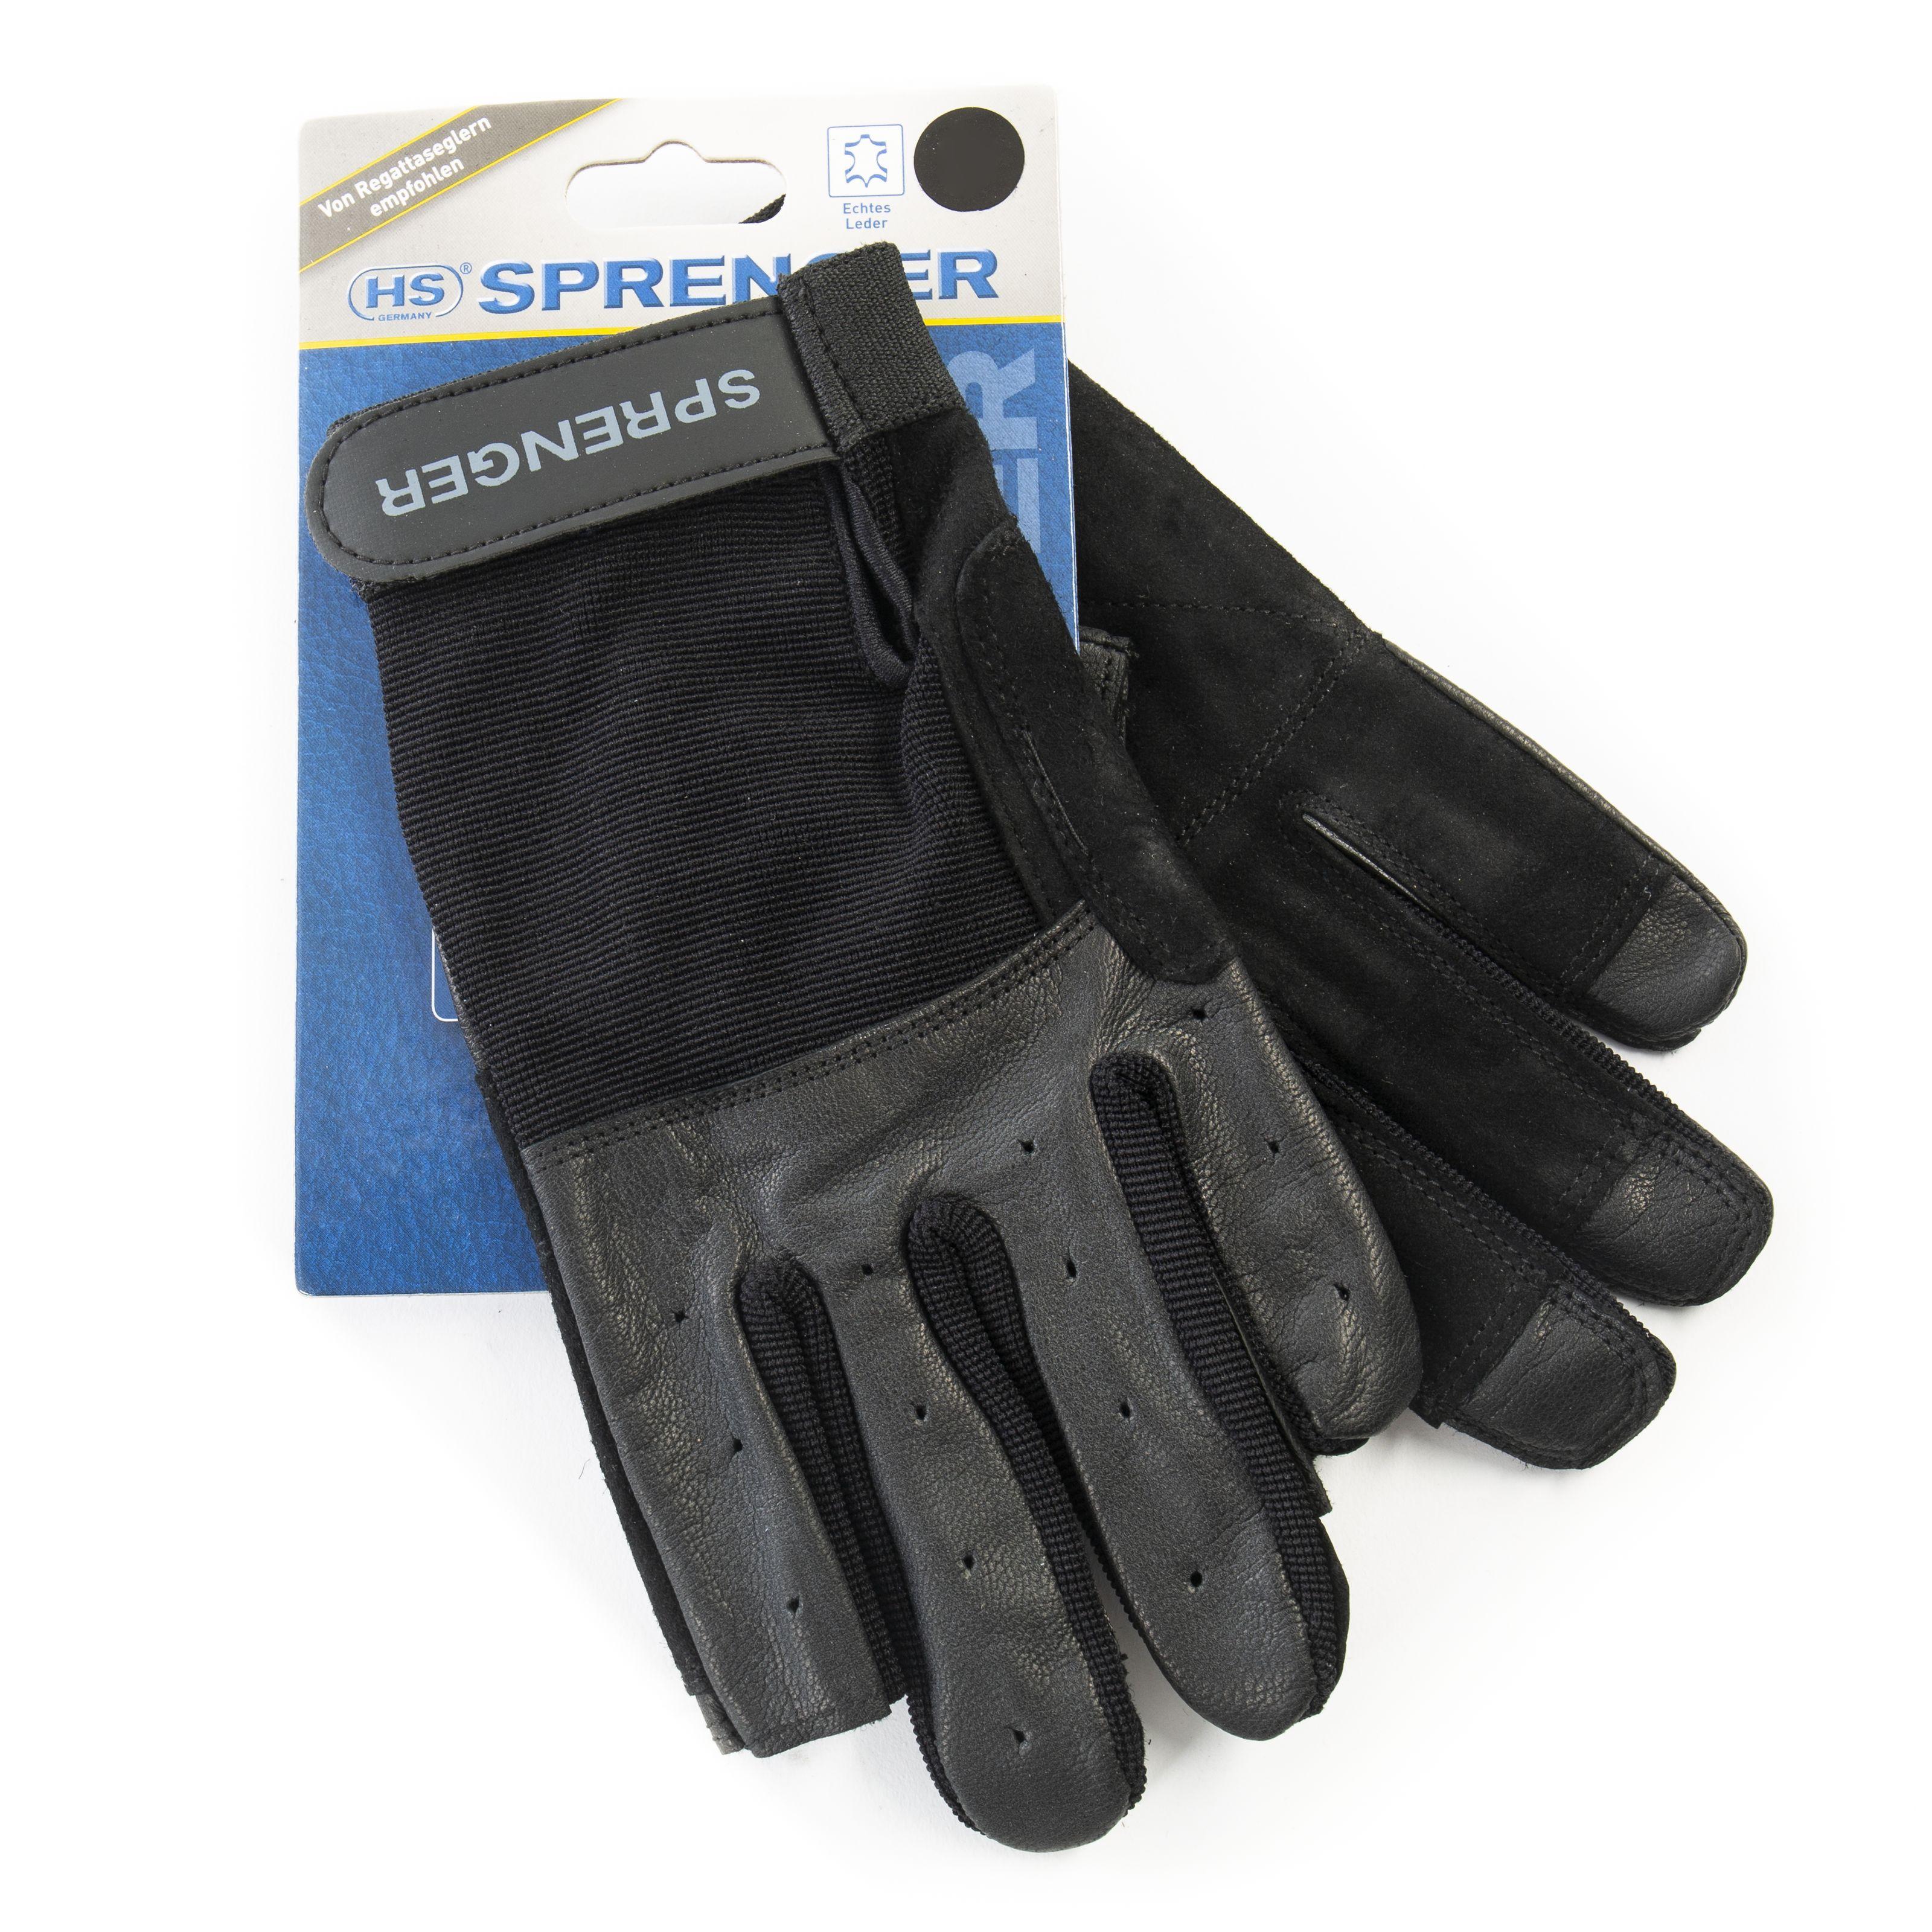 Sprenger - Rigging-Handschuhe XXL Black 531-0799-1012